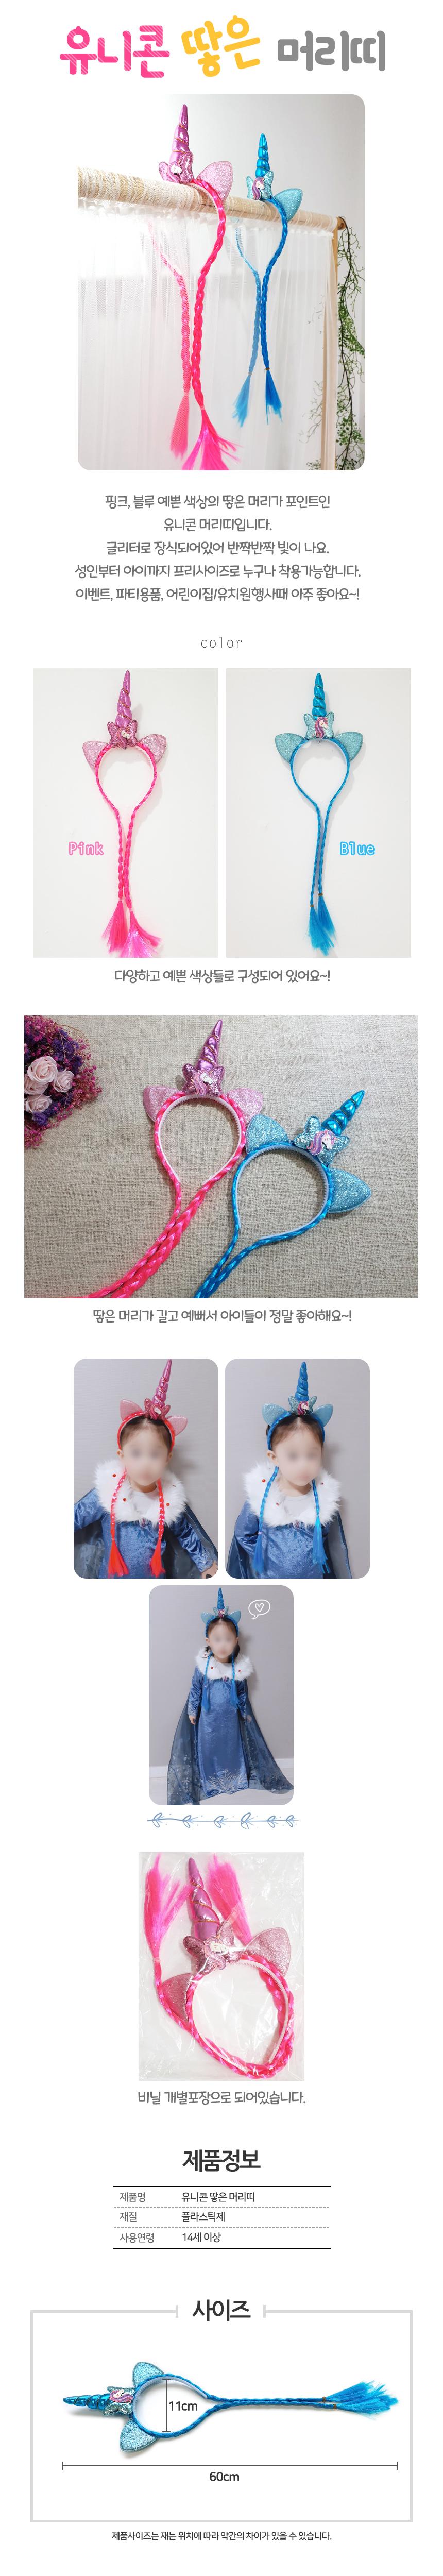 uni_hairband.jpg